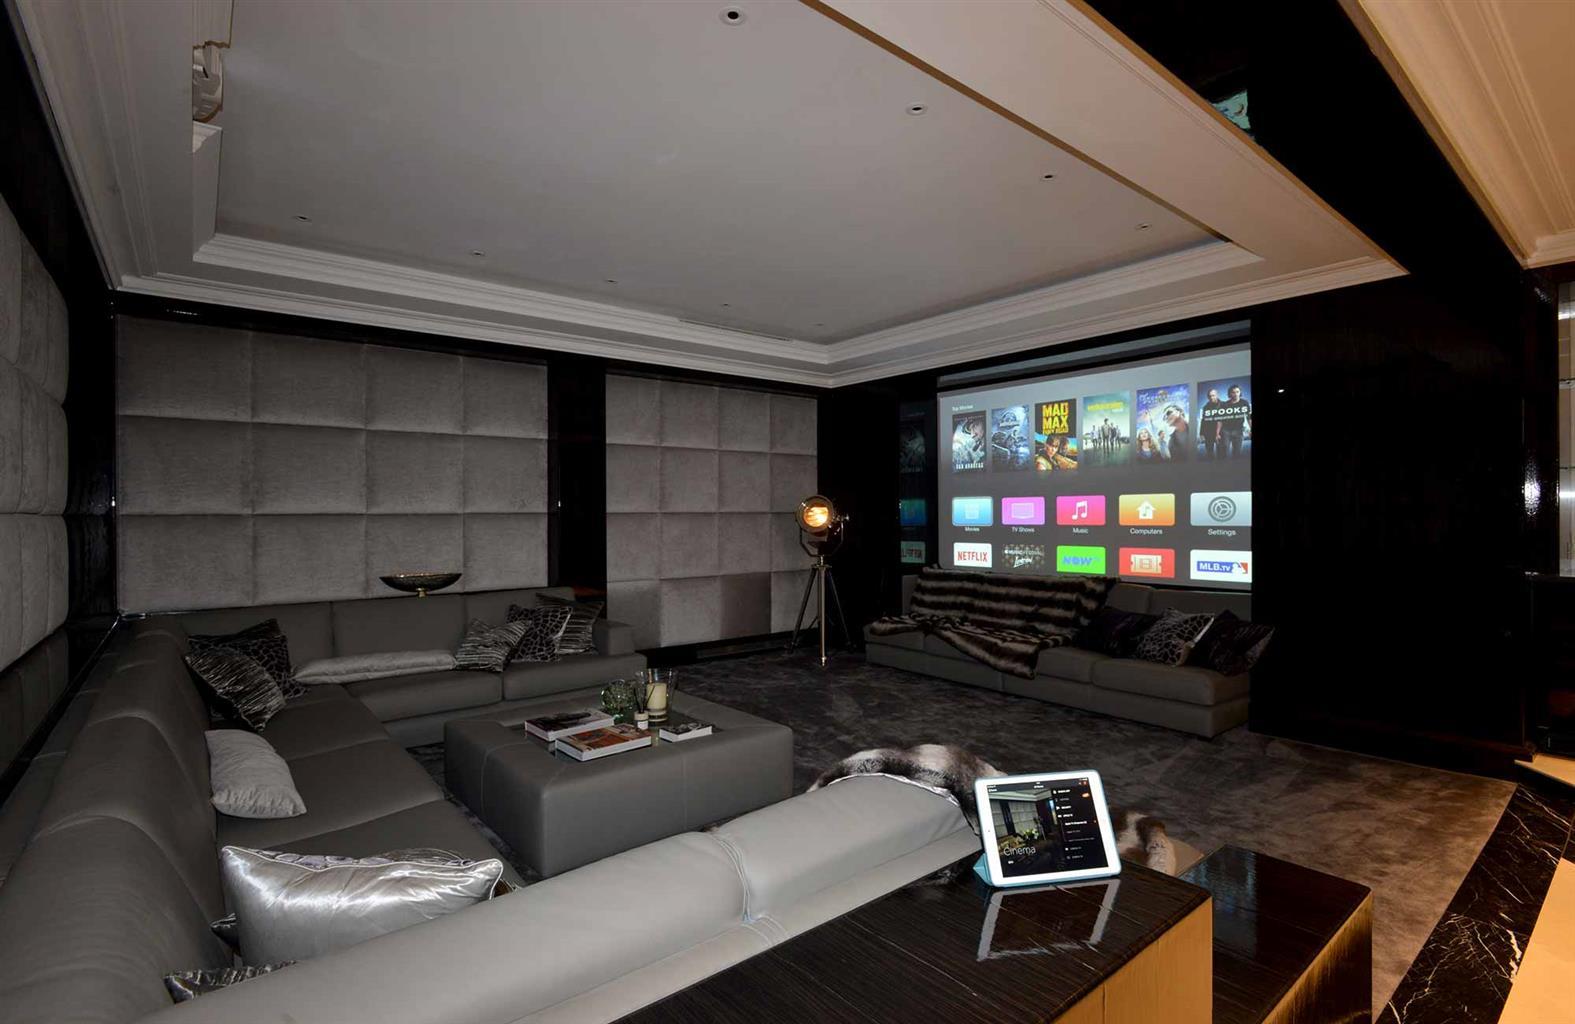 Huge Projector Screens